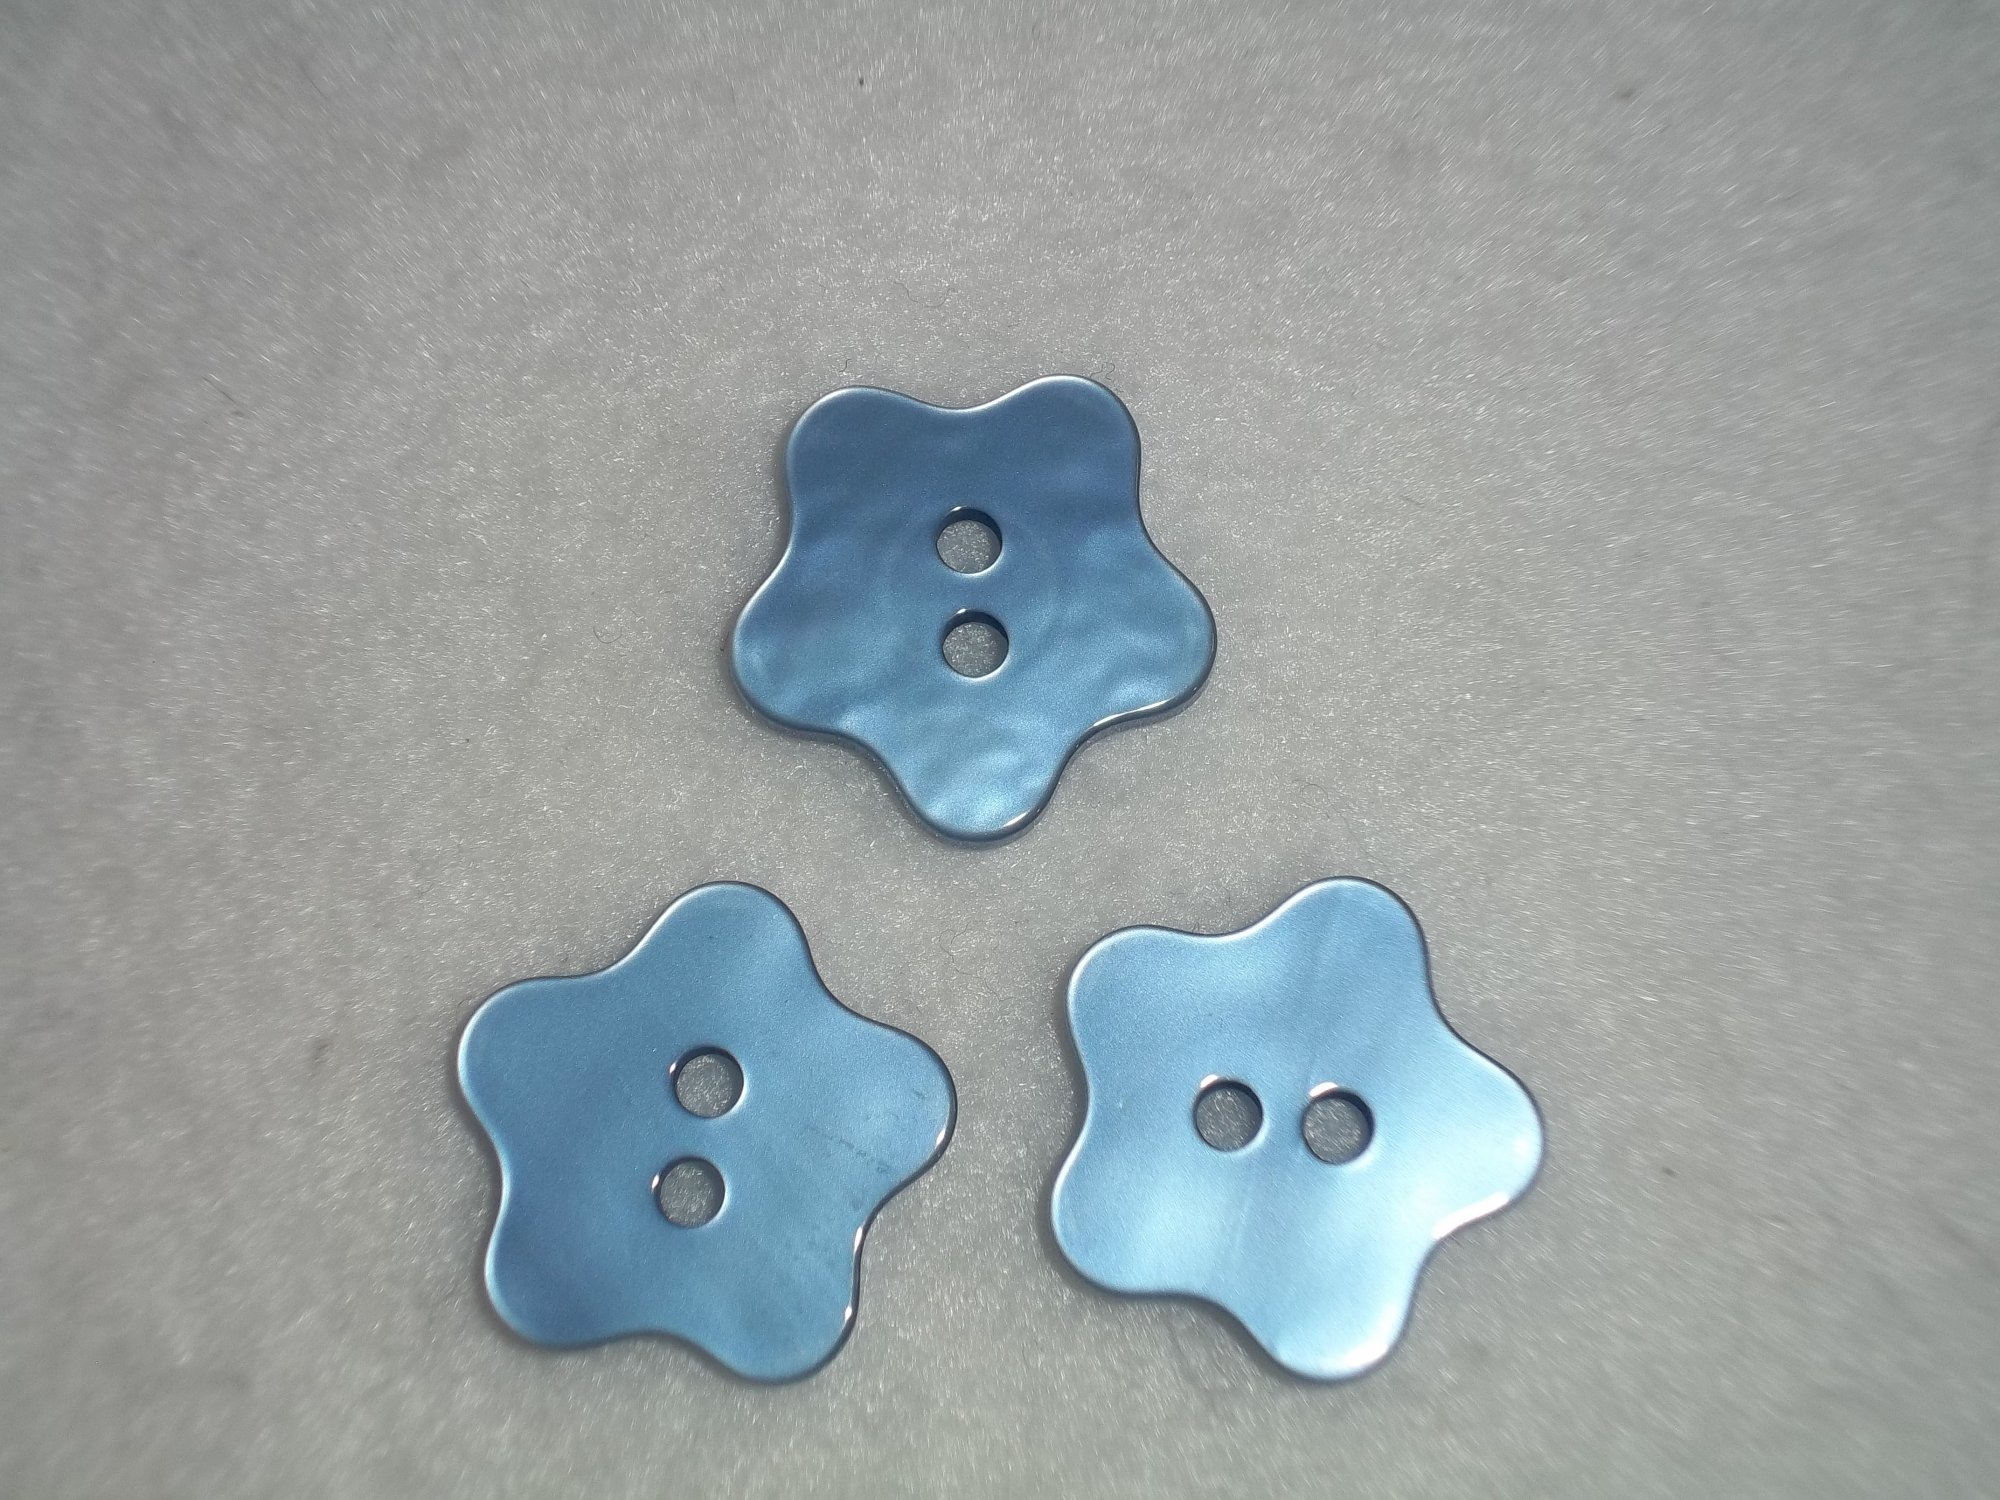 Blue Star Buttons - 23 mm